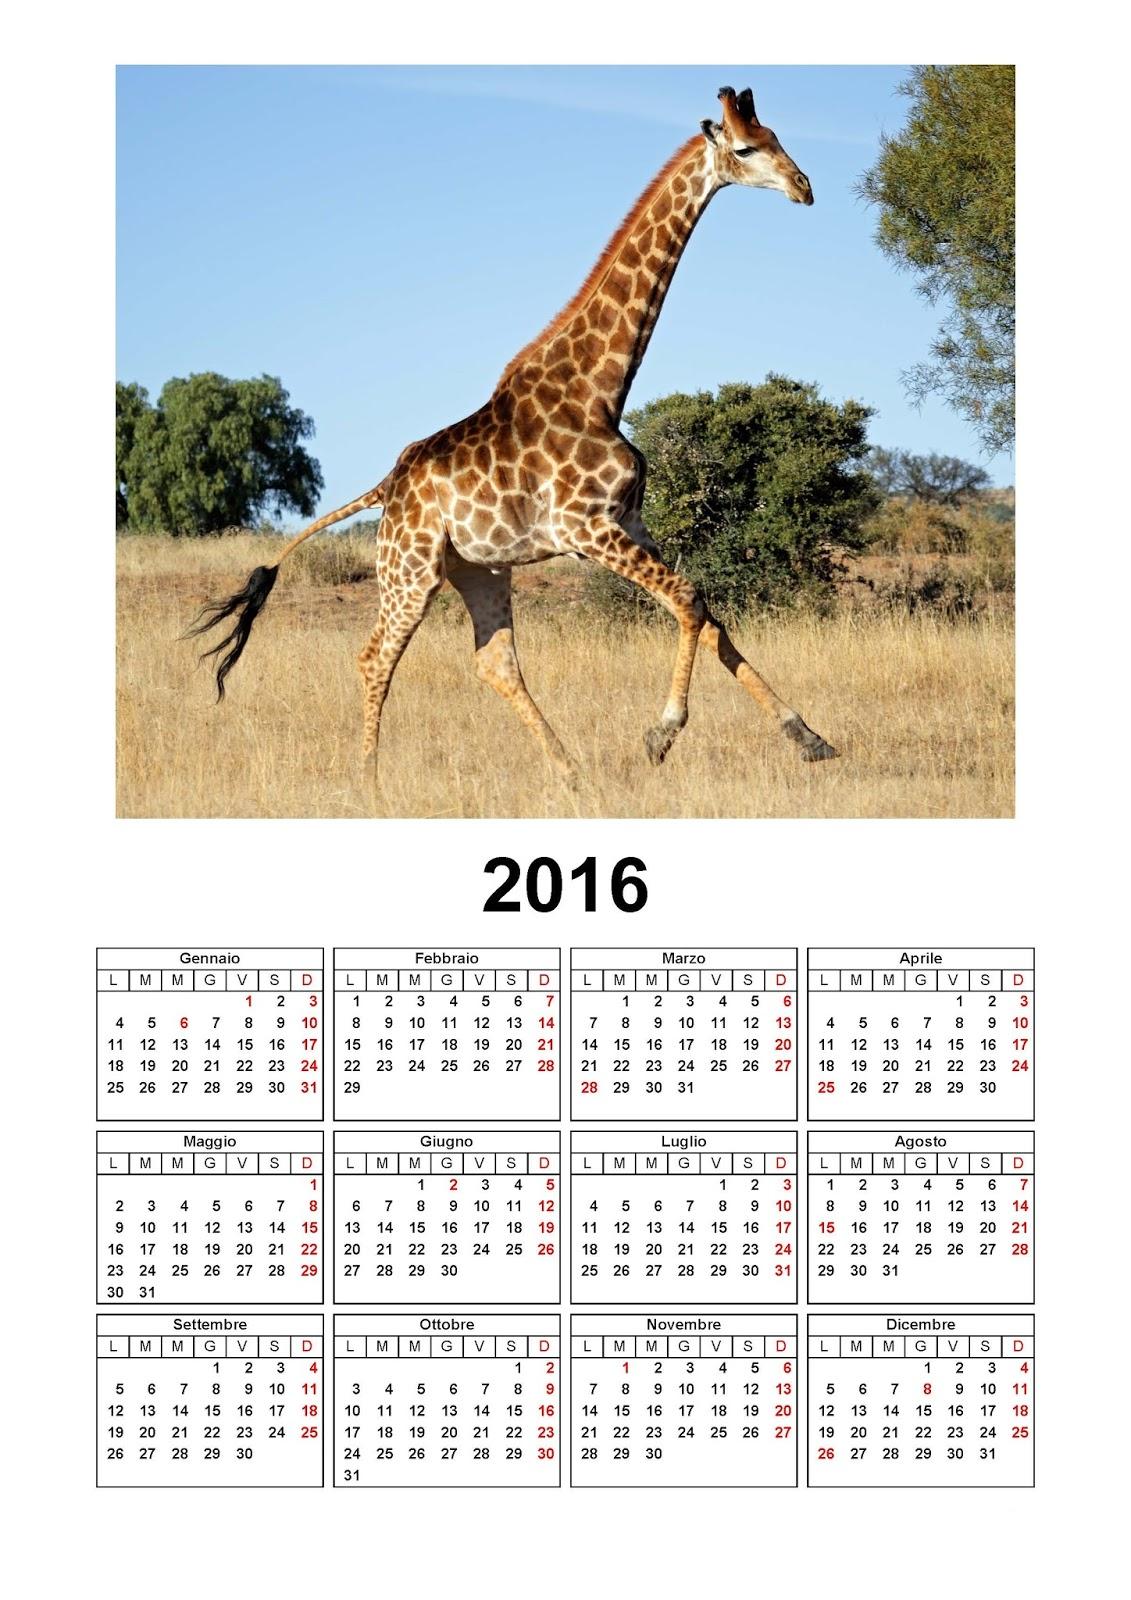 calendario 2016 - giraffa